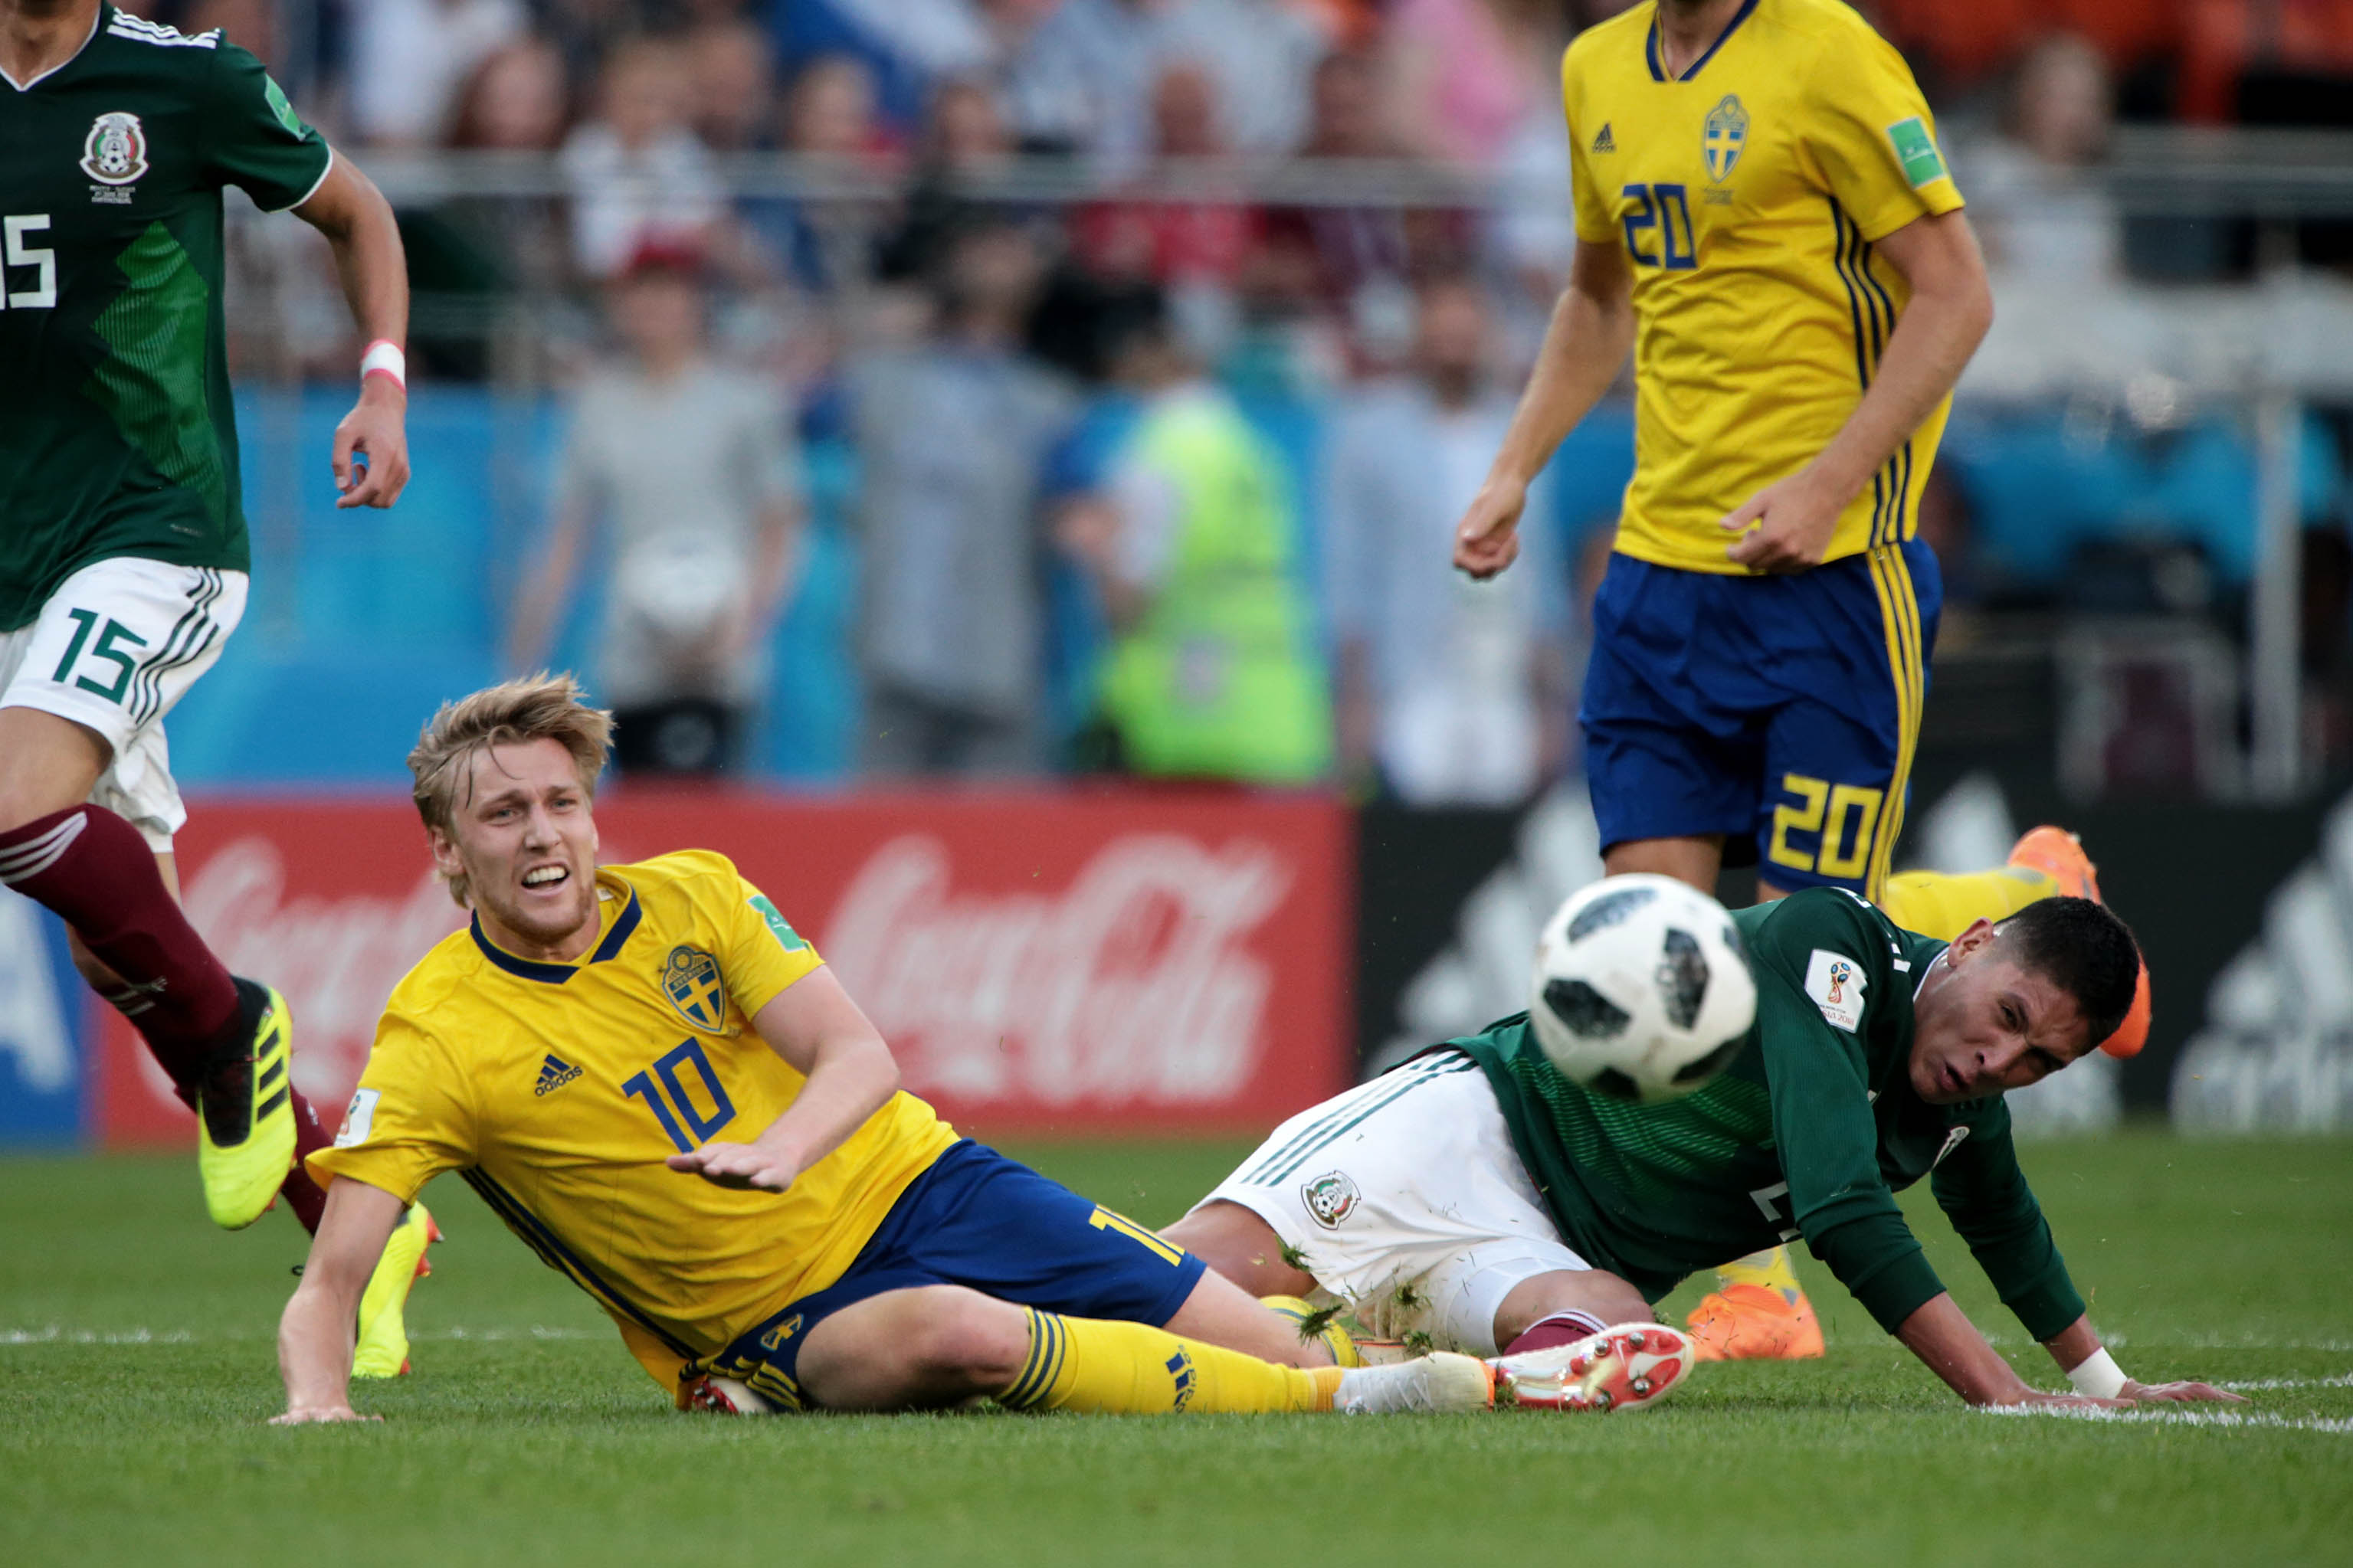 México vs Suecia en partido de la Copa del Mundo realizado en E